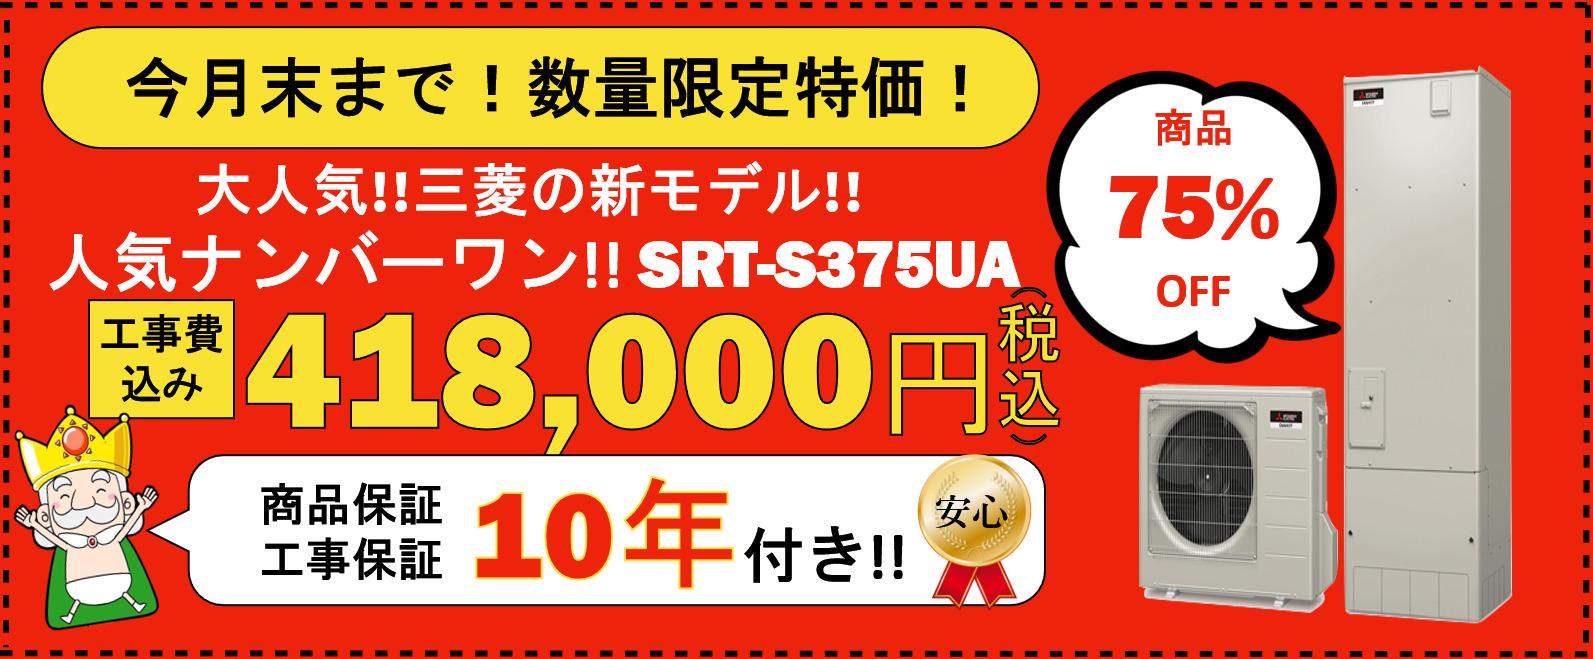 大人気!!三菱の新モデル!!人気ナンバーワン!!SRT-S375UA 商品保証、工事保証10年付き! 工事費込み418,000円(税込)